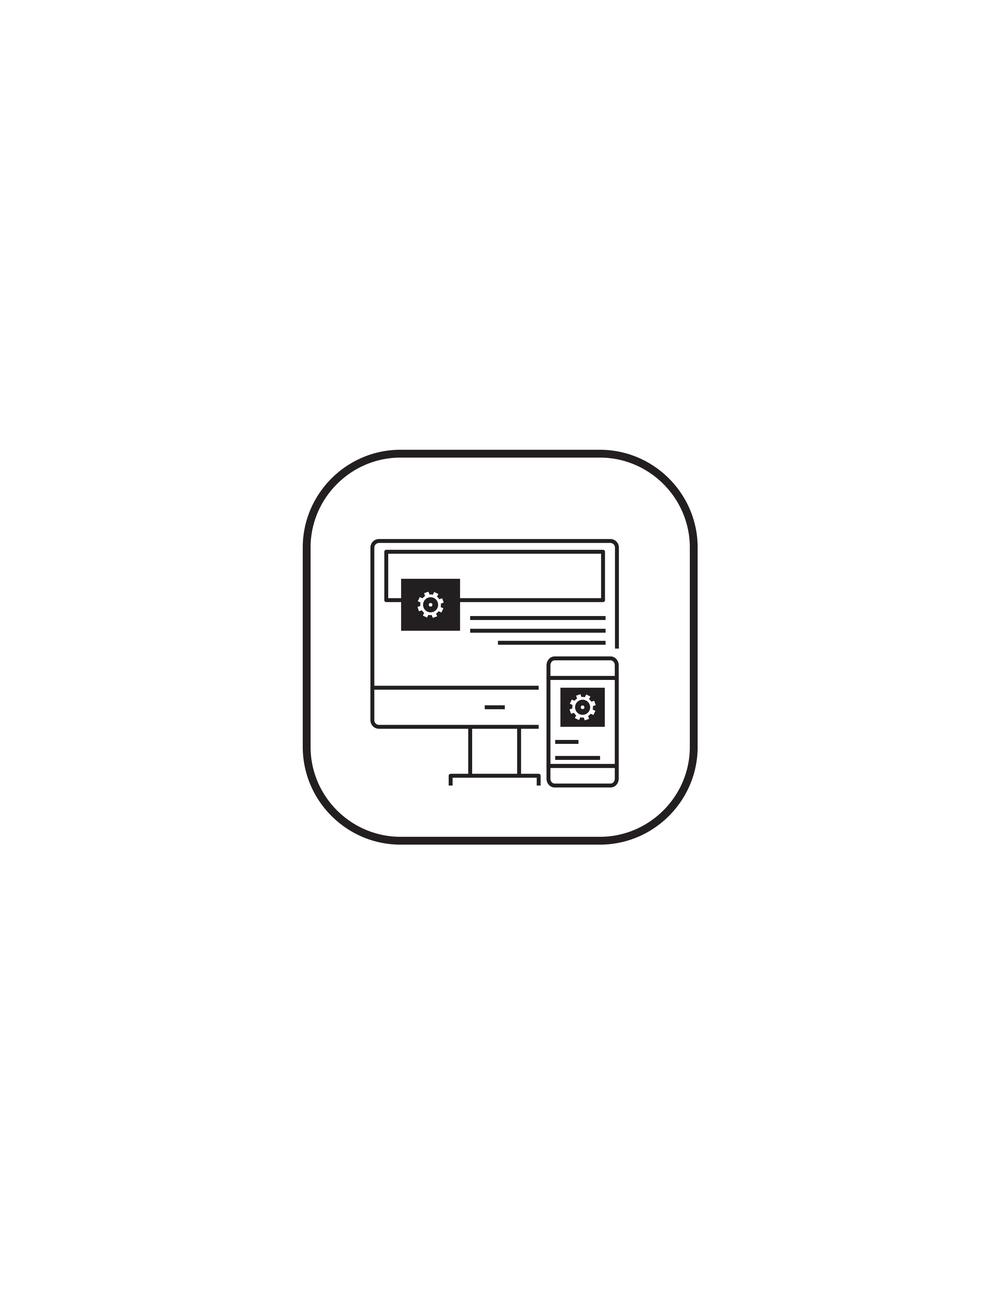 Social Media Content Design